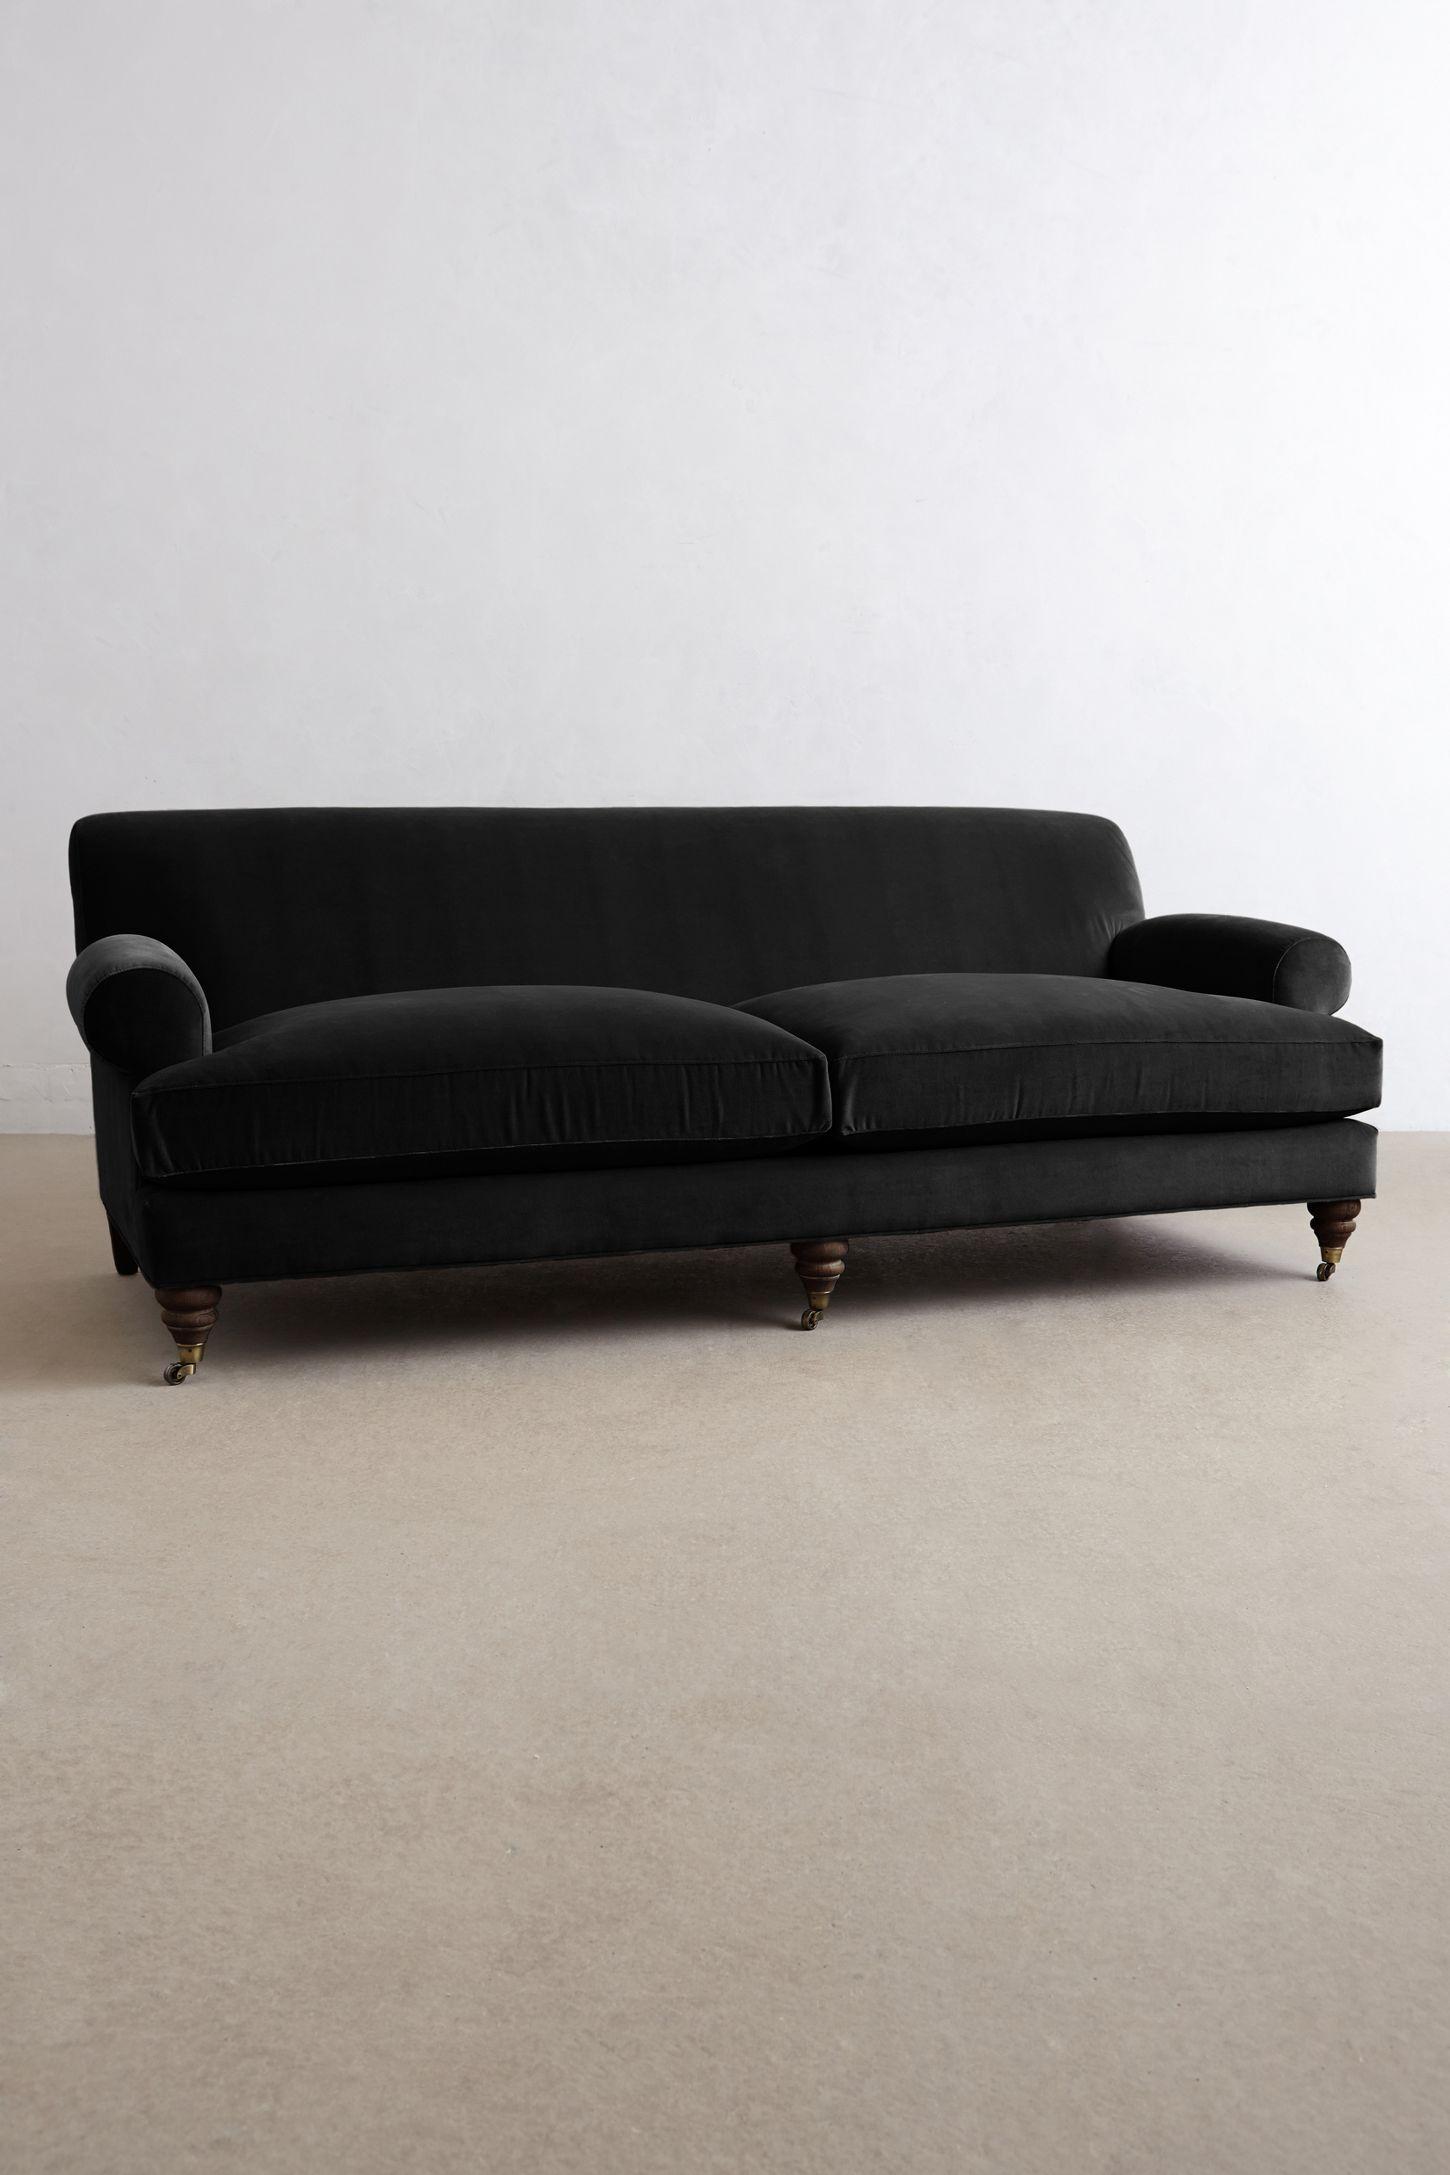 Charming Blue Velvet Couch Anthropologie Best inspiration